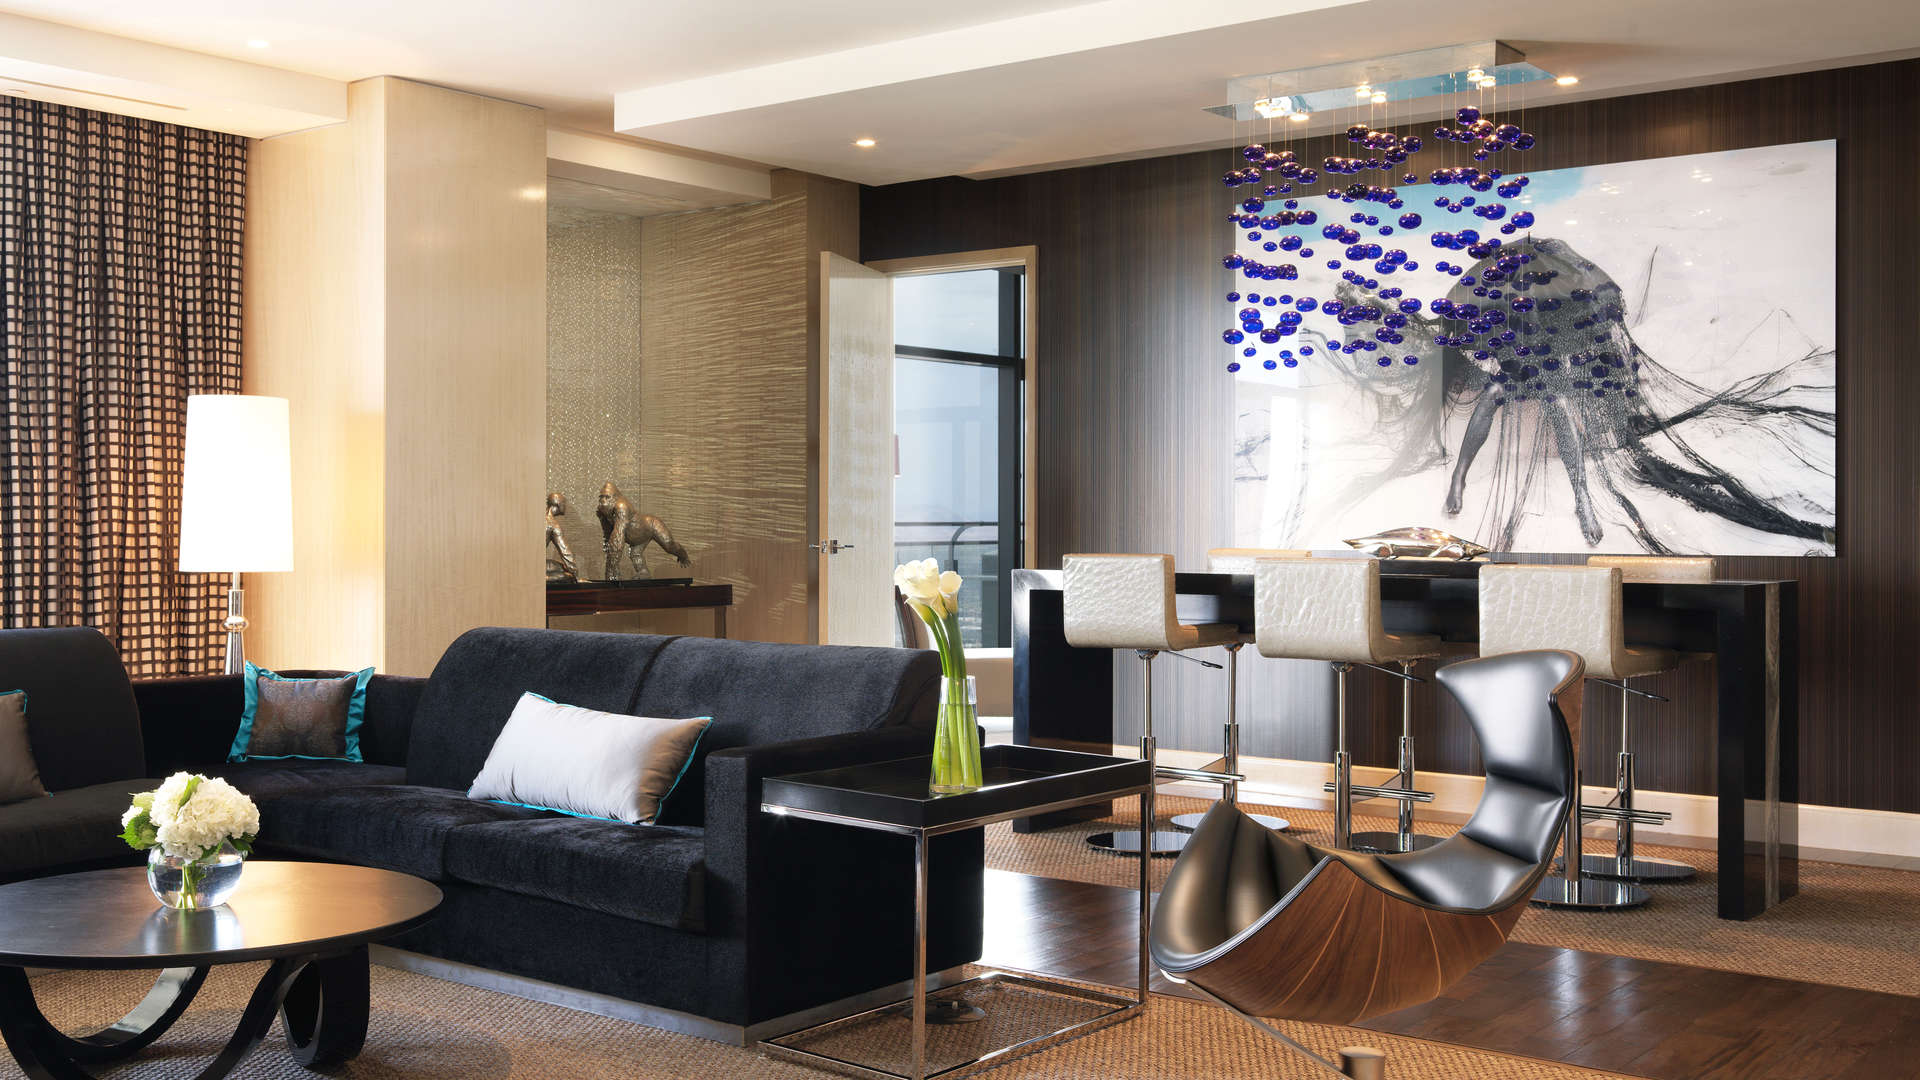 Luxury vacation rentals usa - Nevada - Las vegas - The cosmopolitan of las vegas - Cosmopolitan 2 BDM Chelsea - Image 1/5